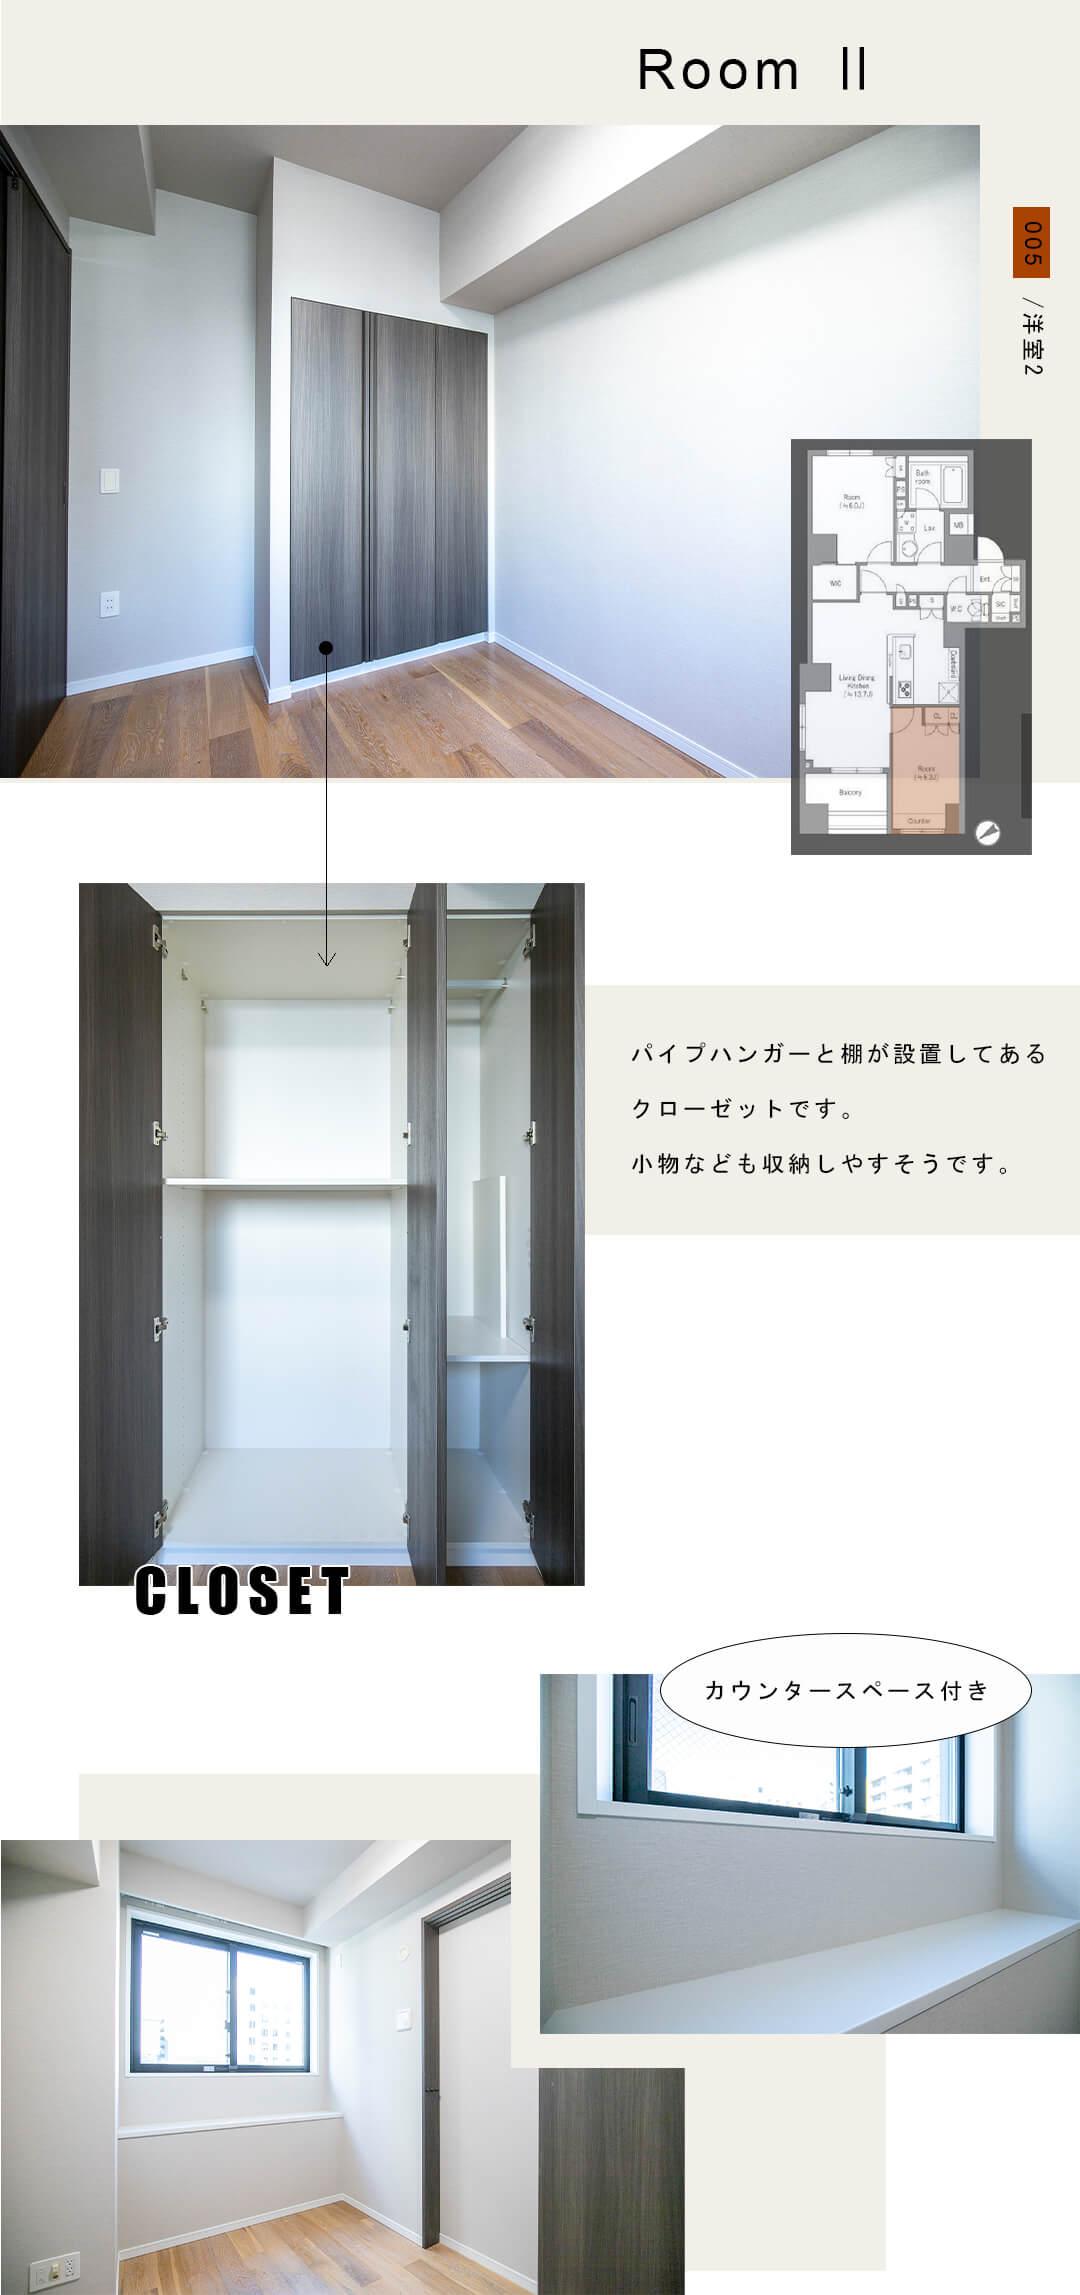 005洋室2,Room Ⅱ